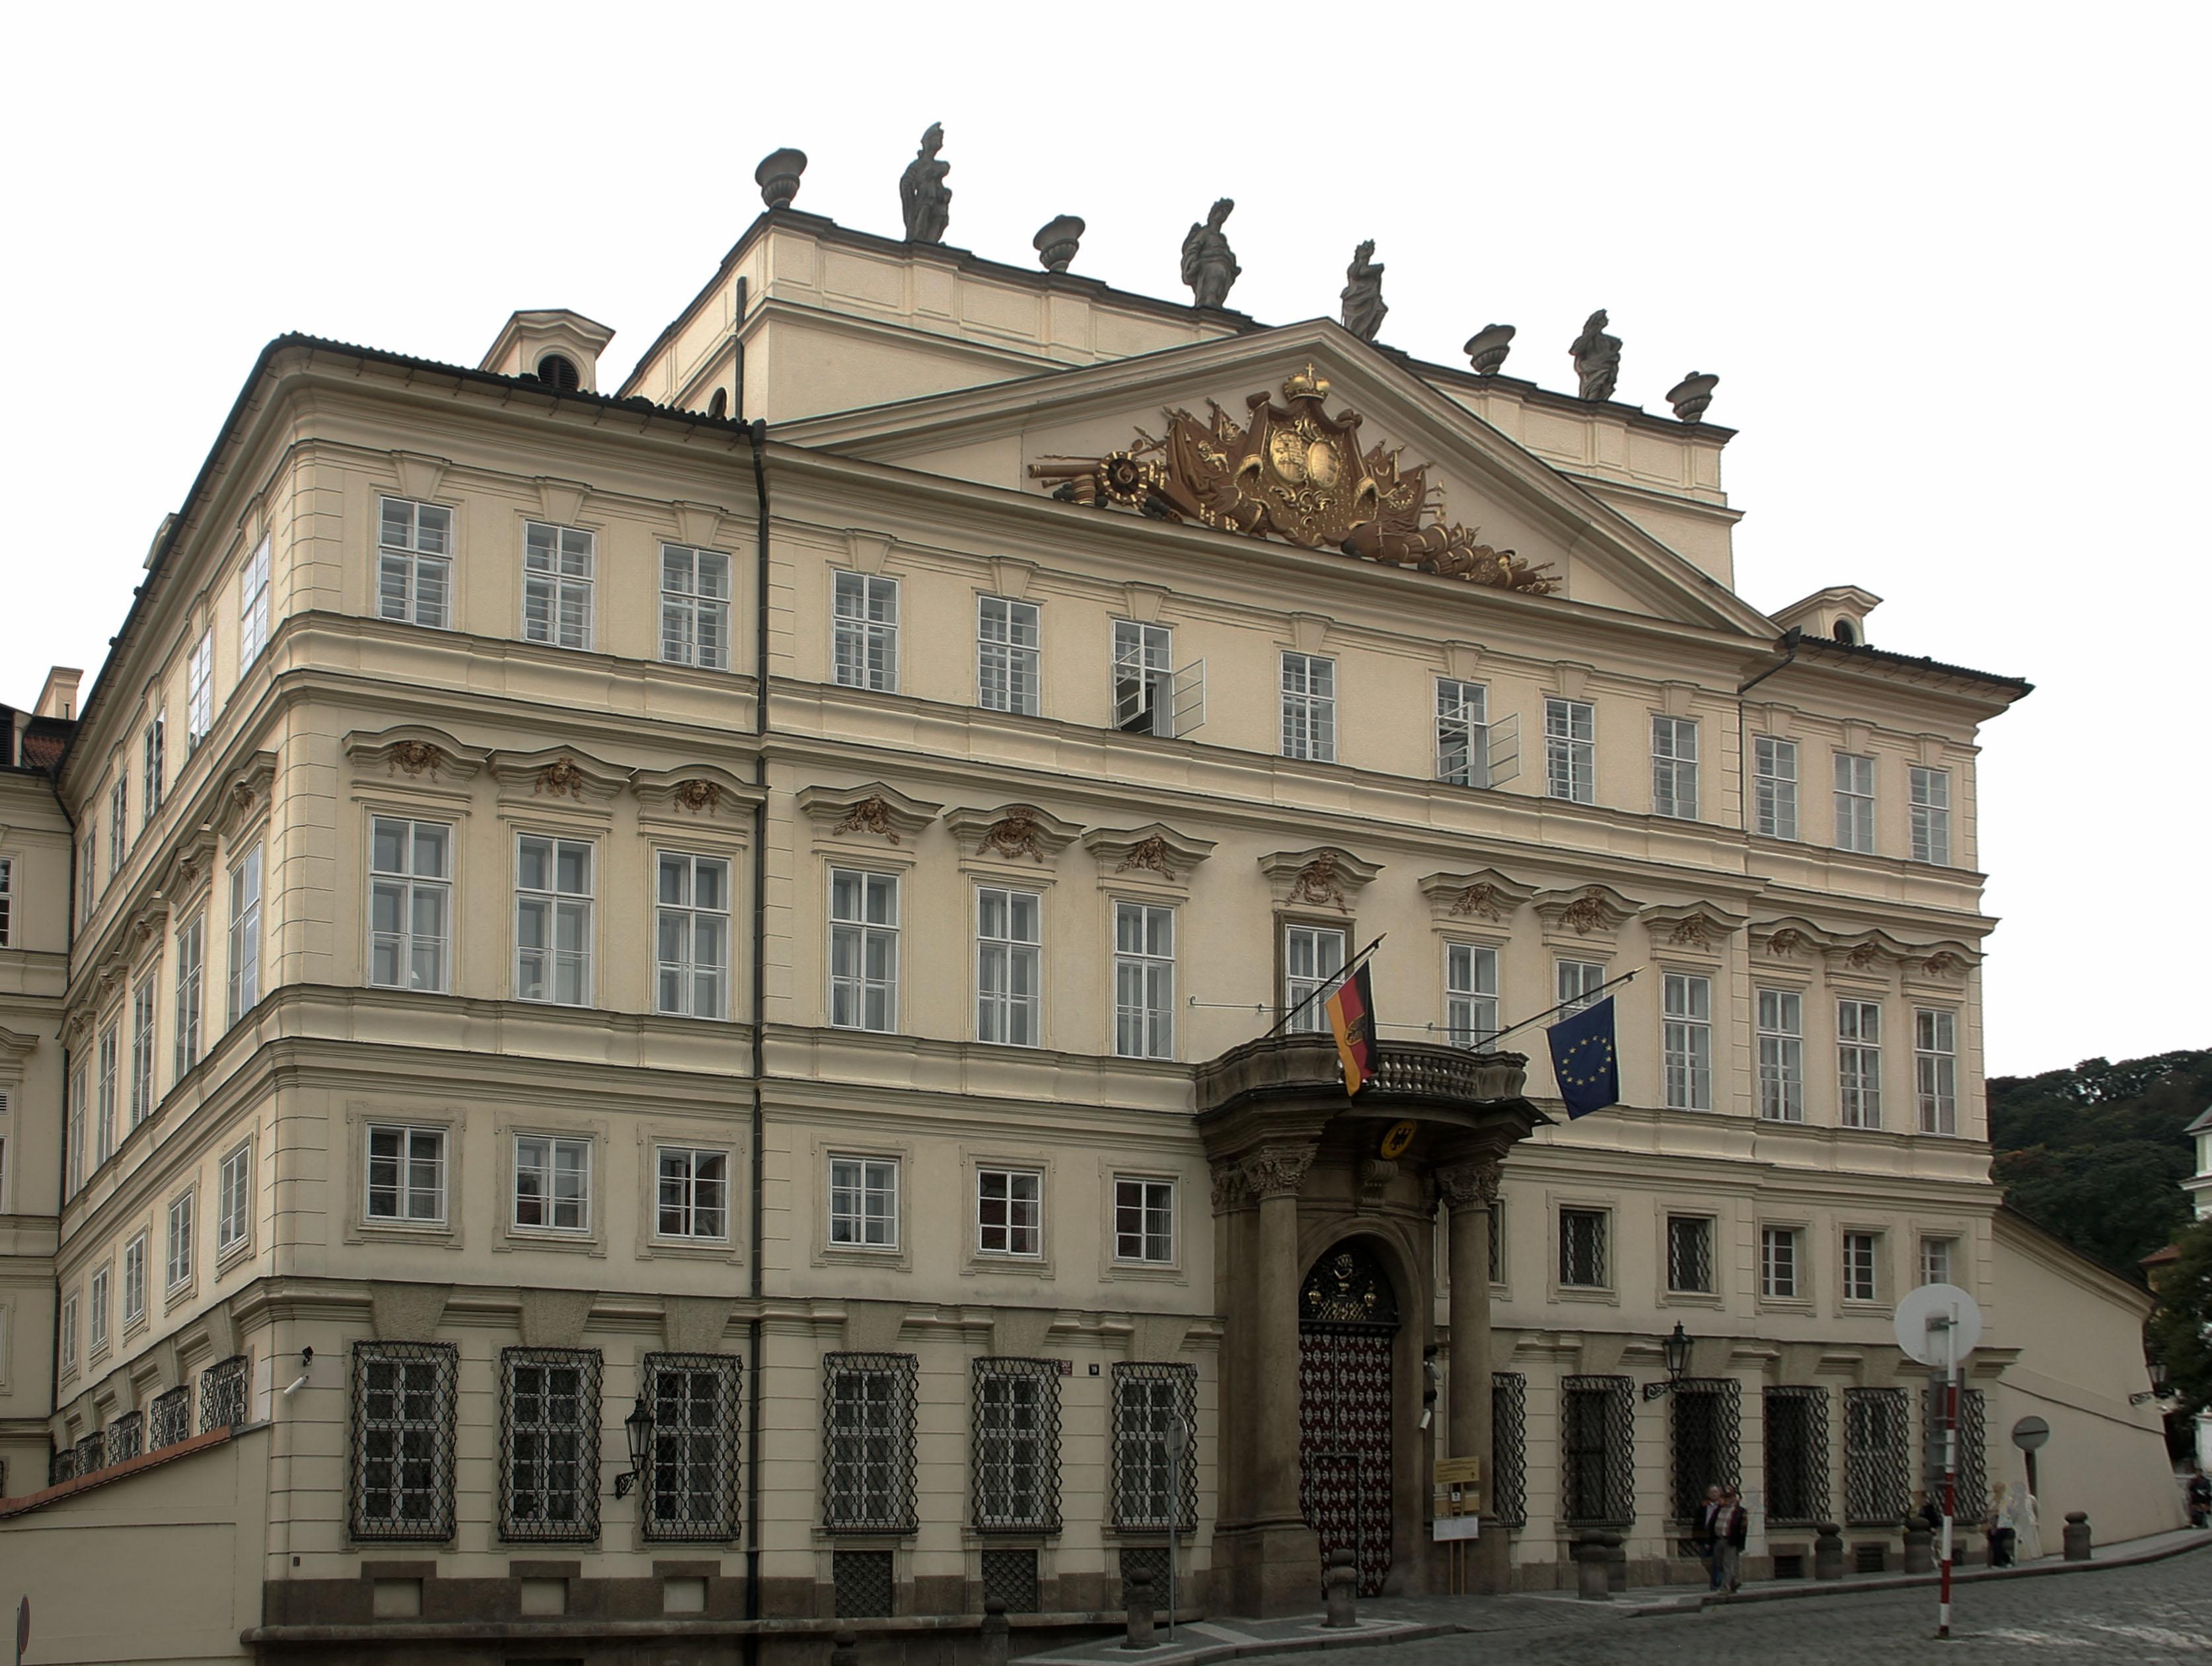 Лобковицкий дворец (Lobkovický (Lobkowiczký) palác) в Праге